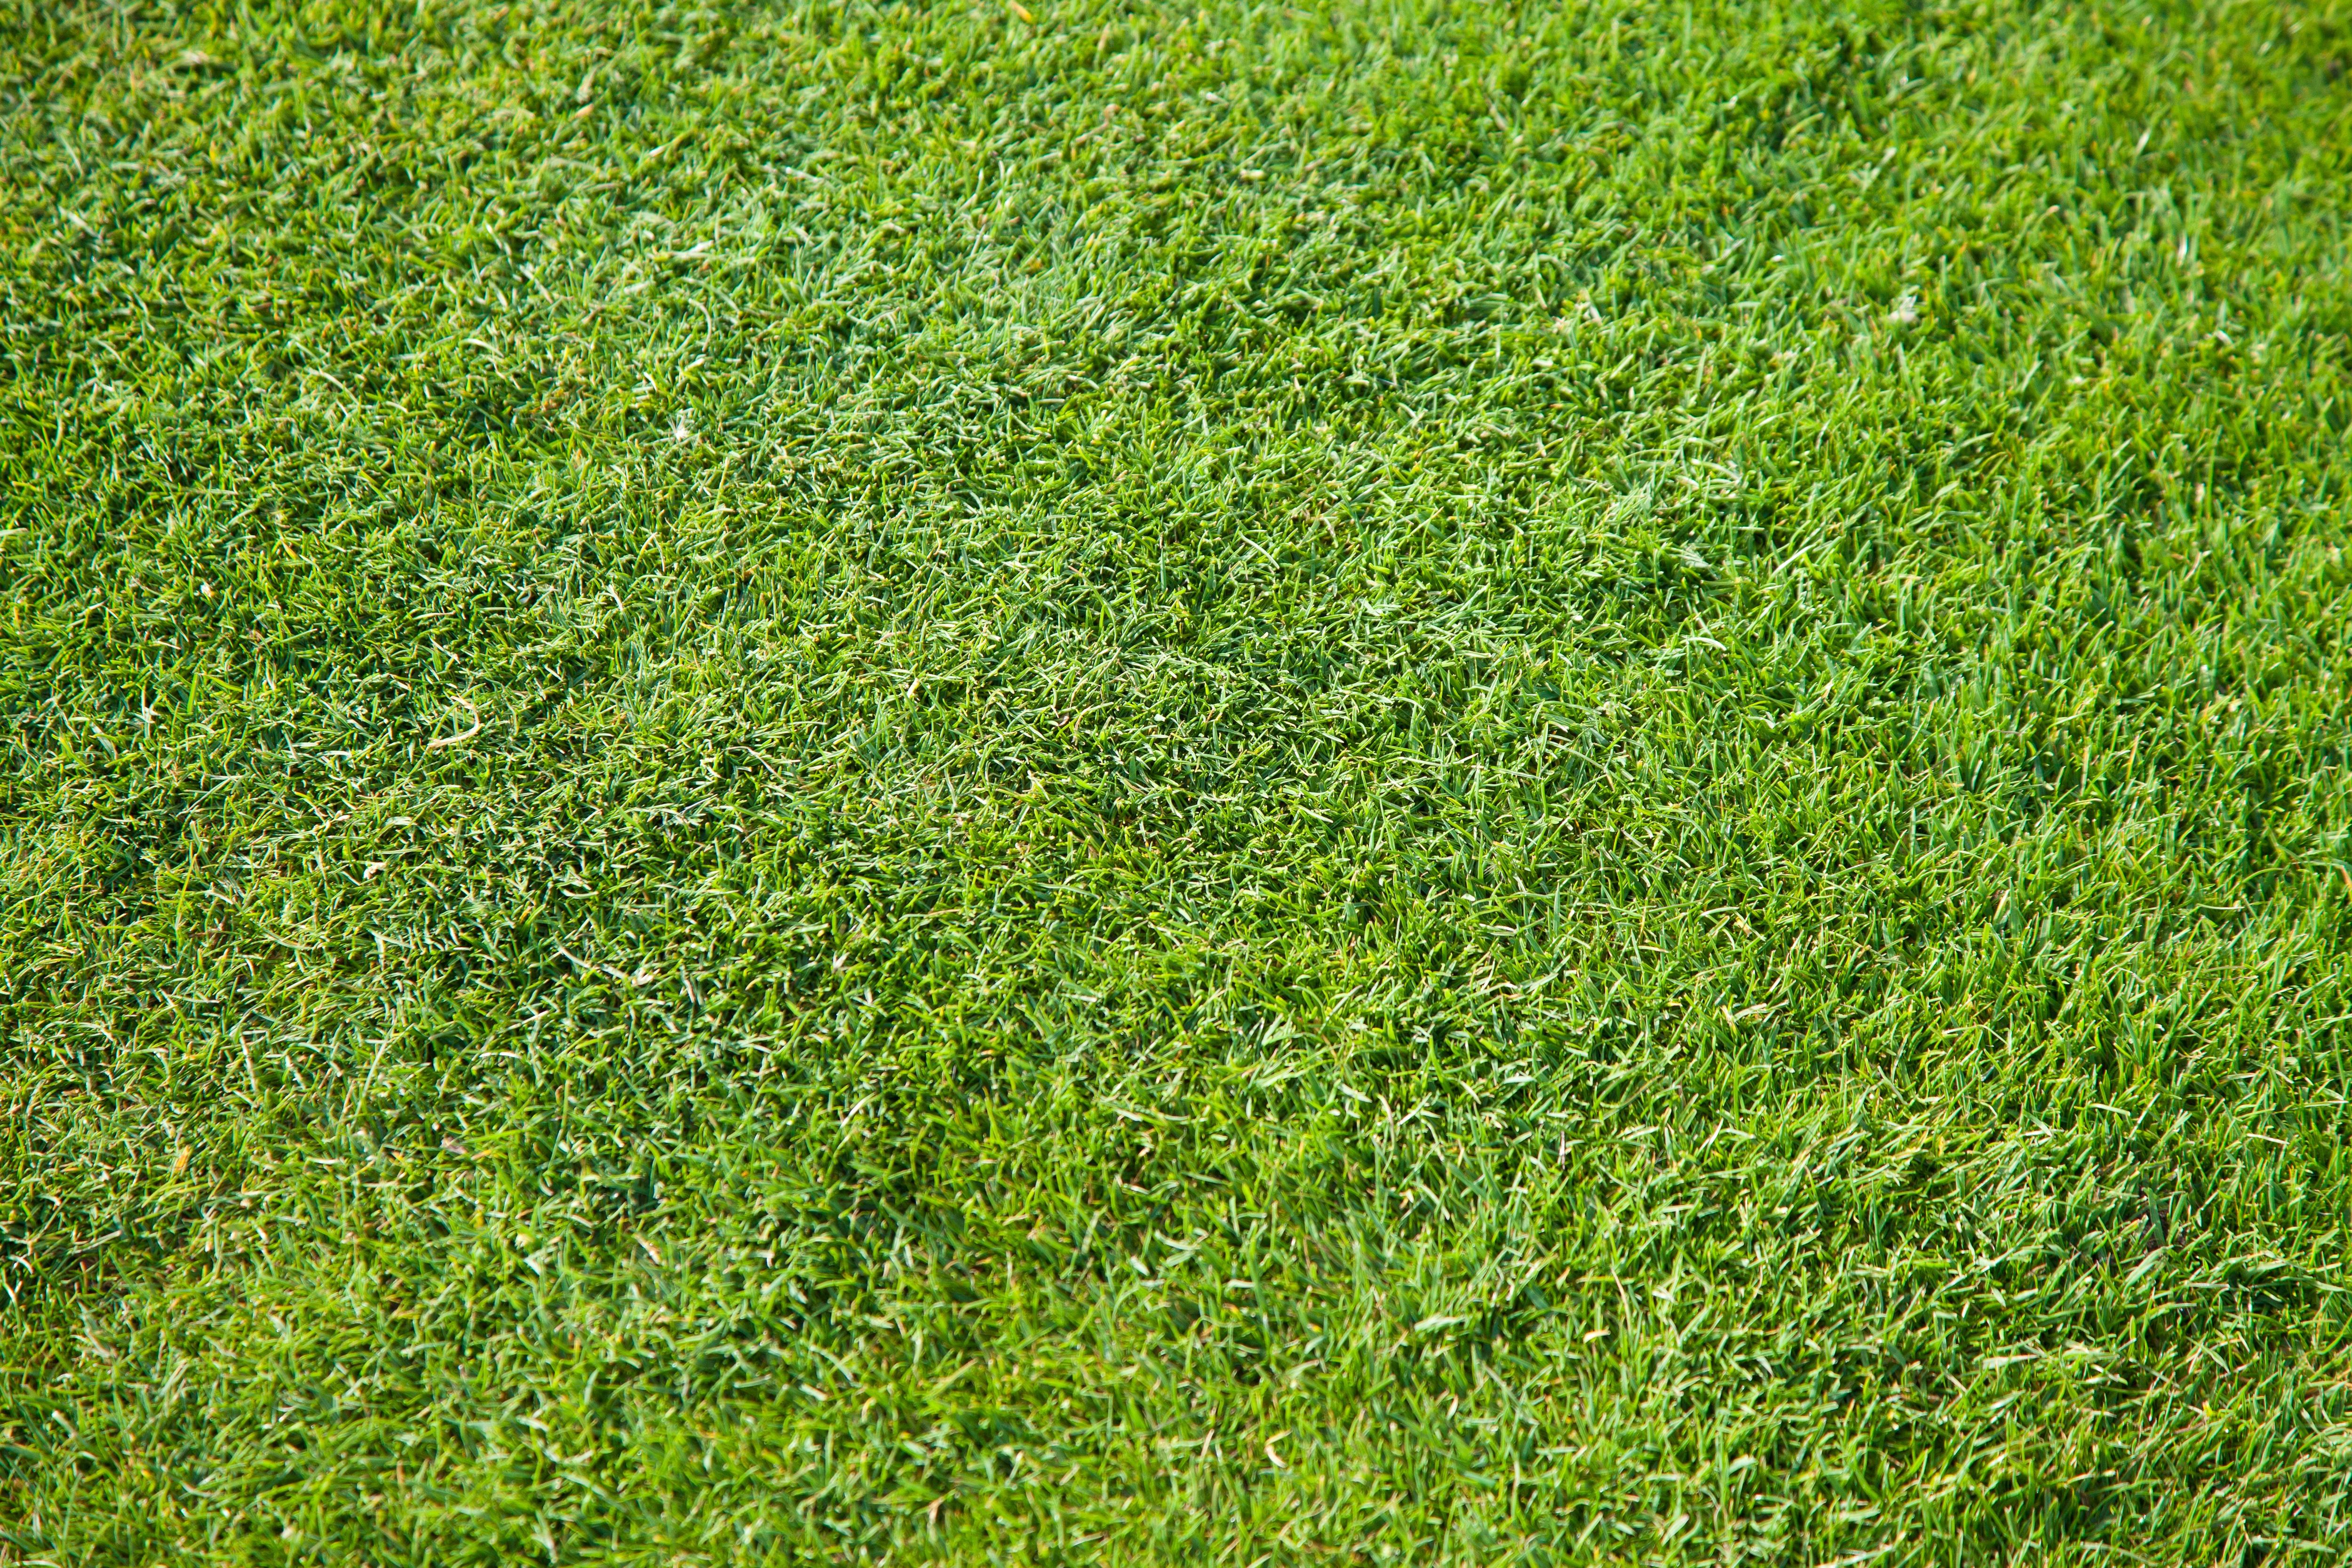 fotos gratis planta campo prado flor verde pastar